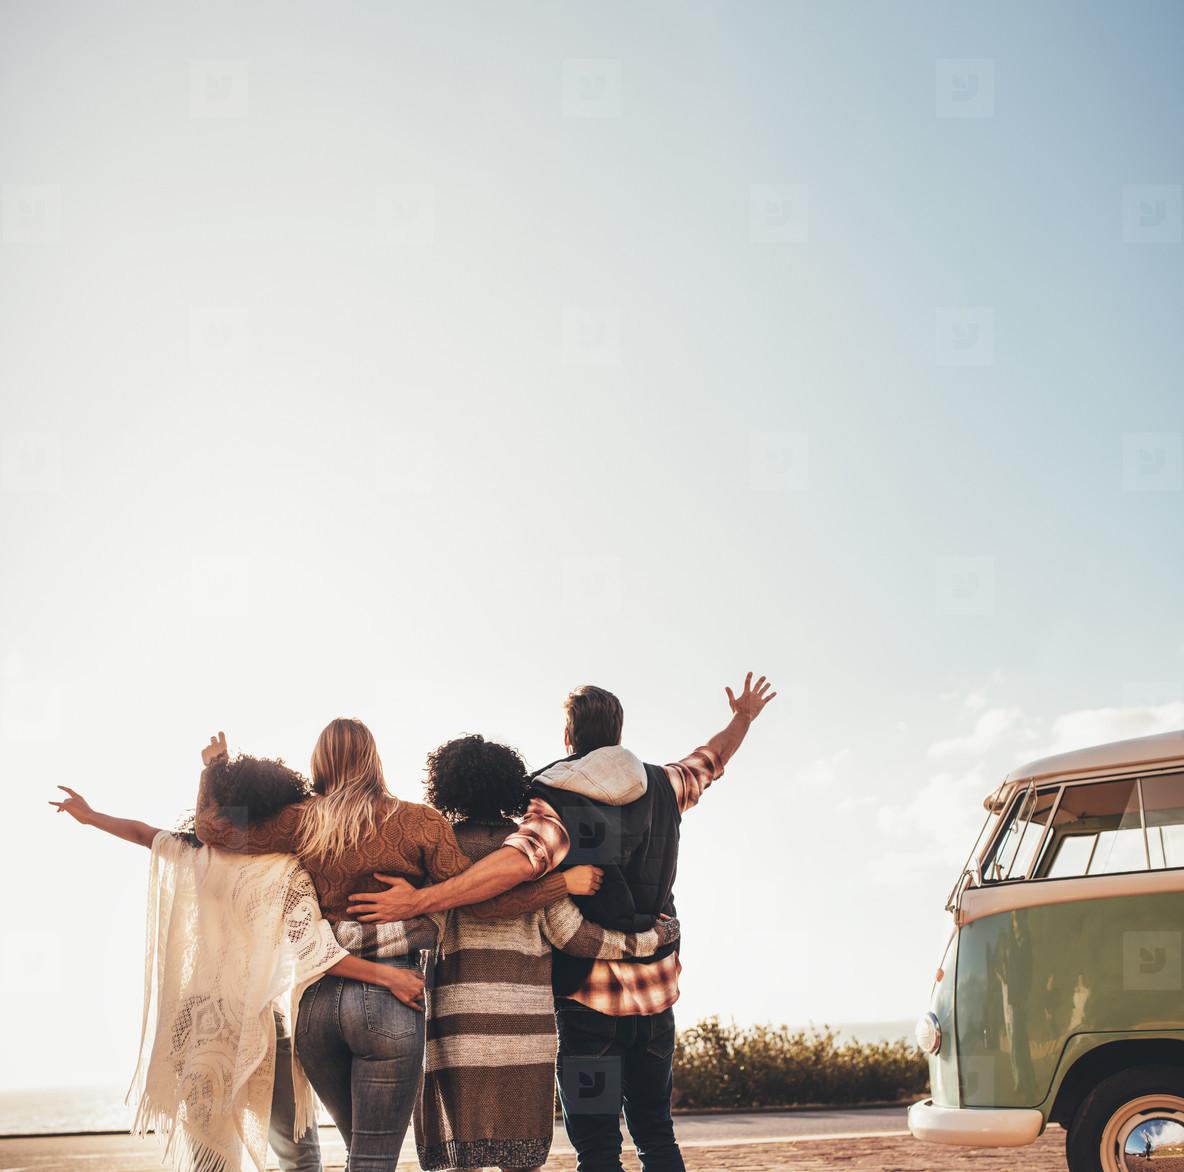 People enjoying during their road trip